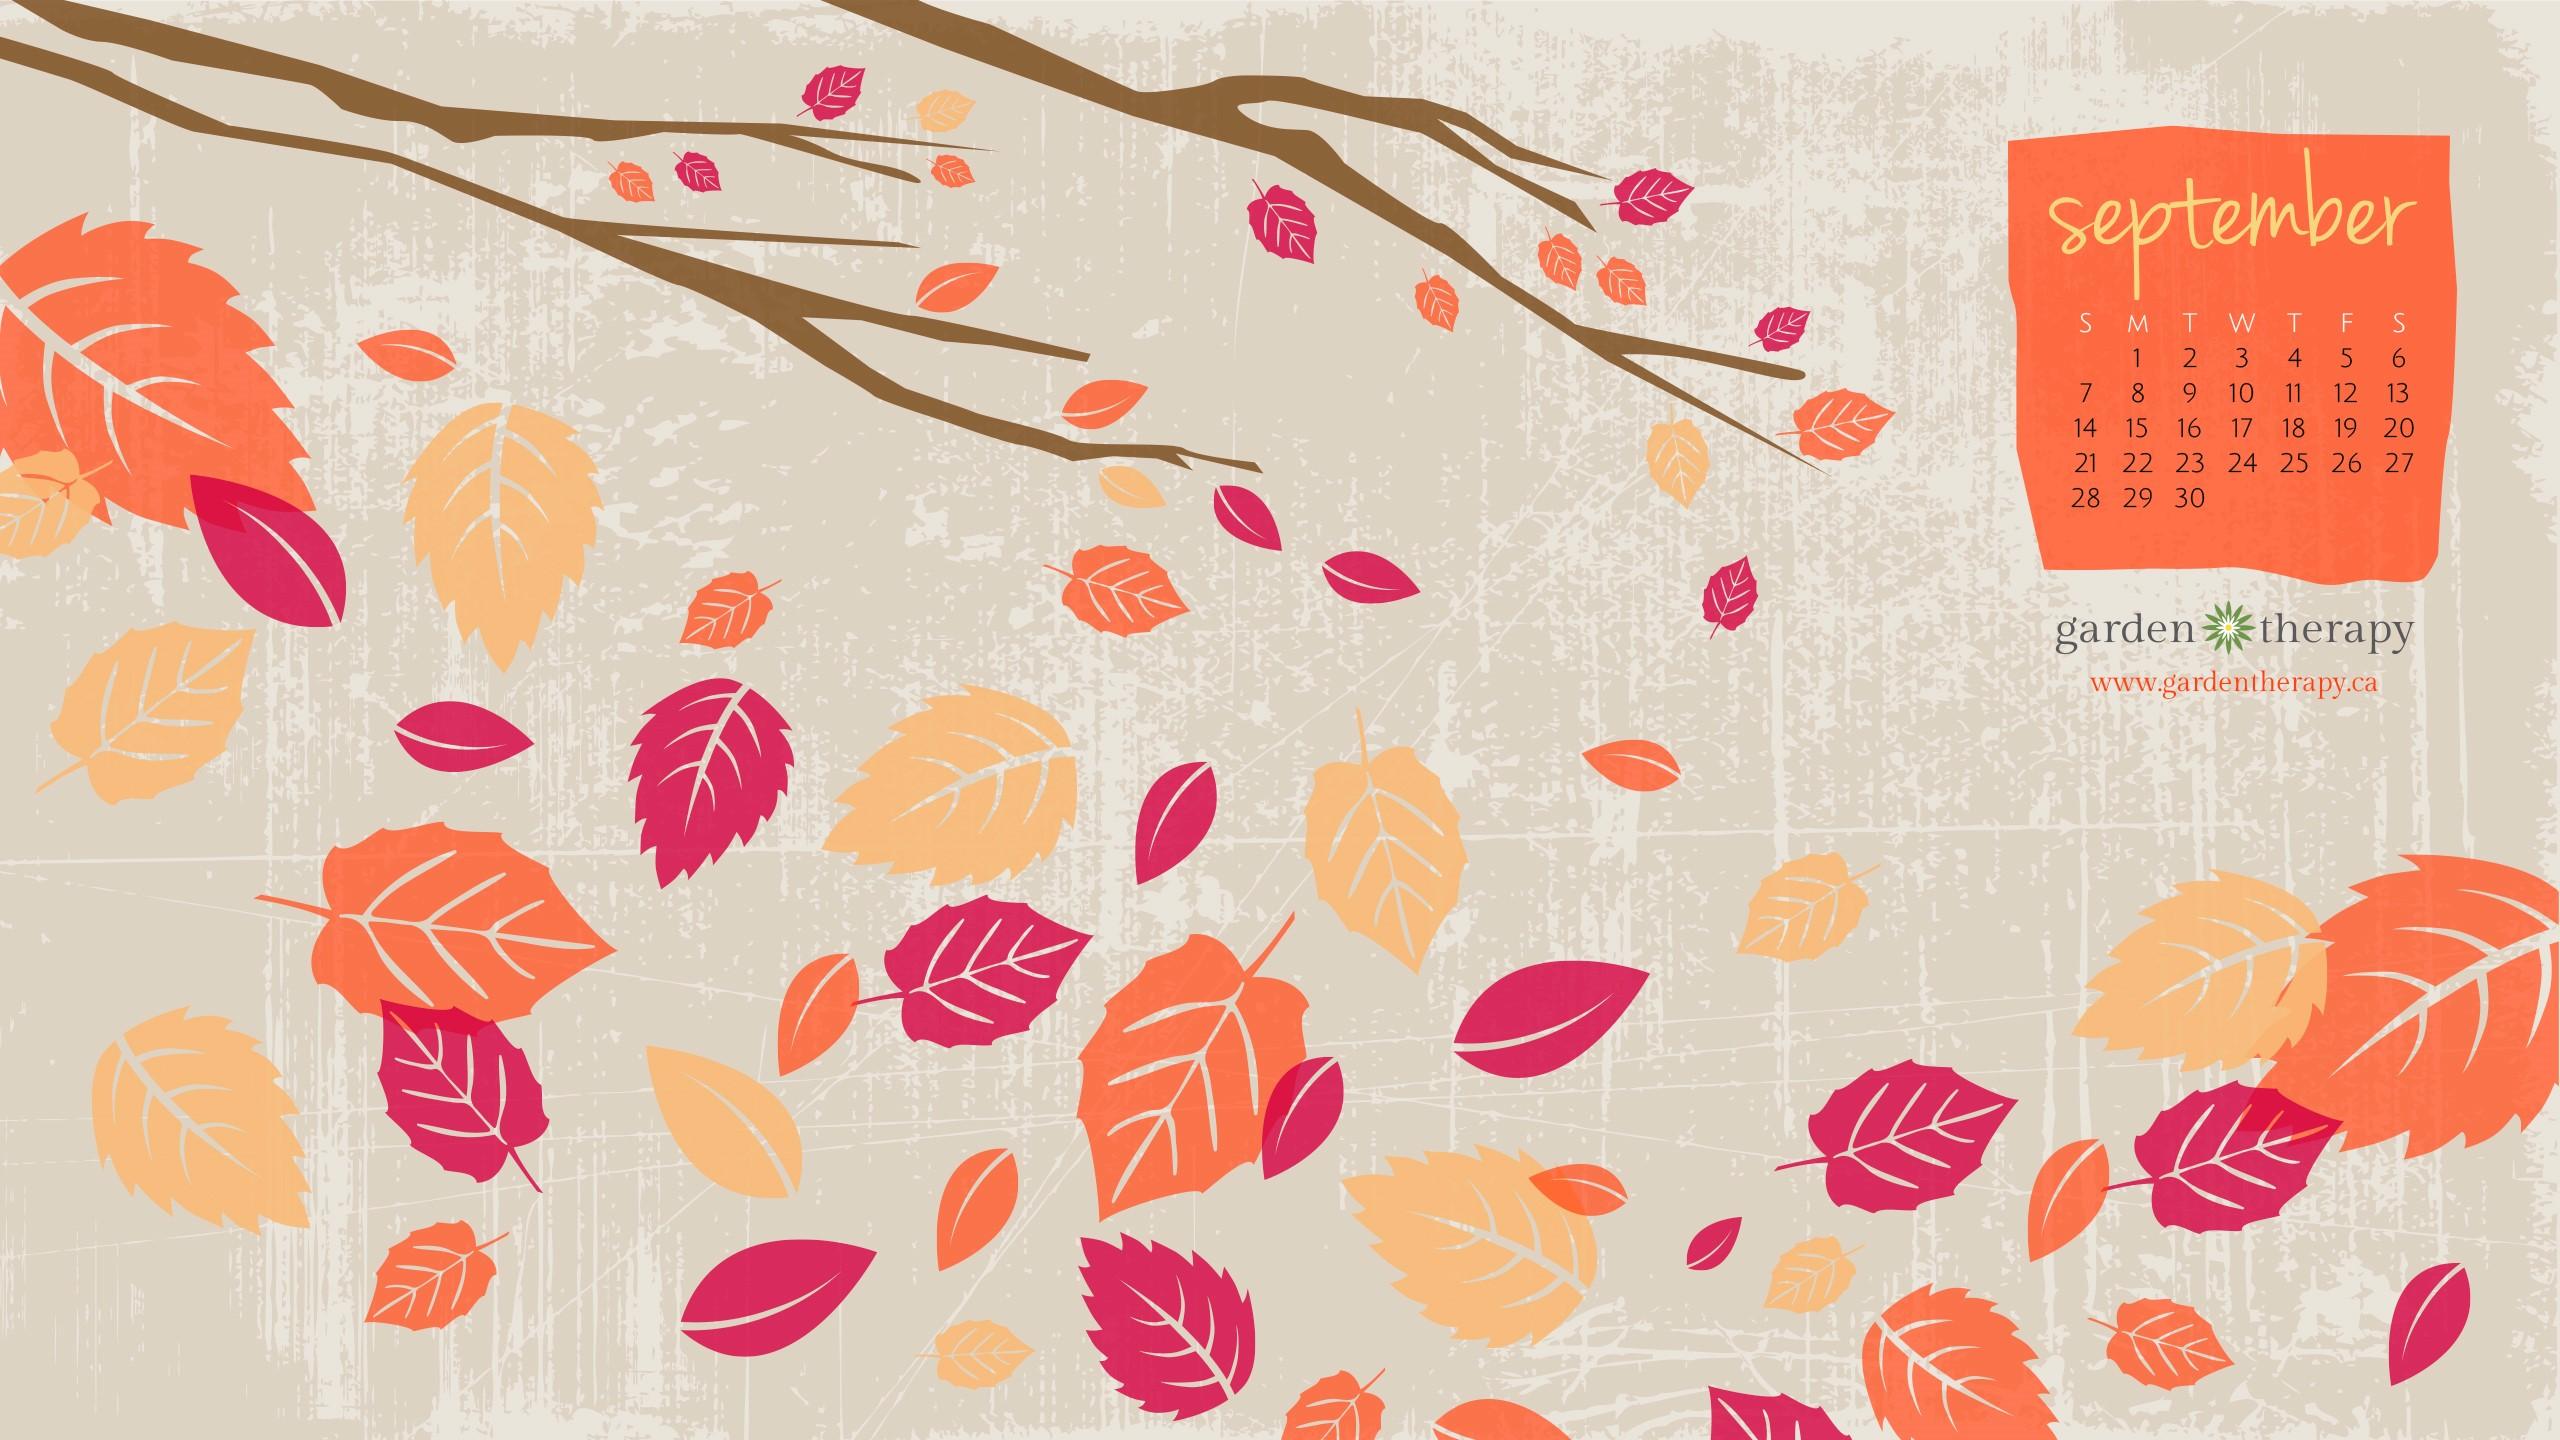 Fall Pumpkins Desktop Wallpaper Falling For The September Desktop Calendar Garden Therapy 174